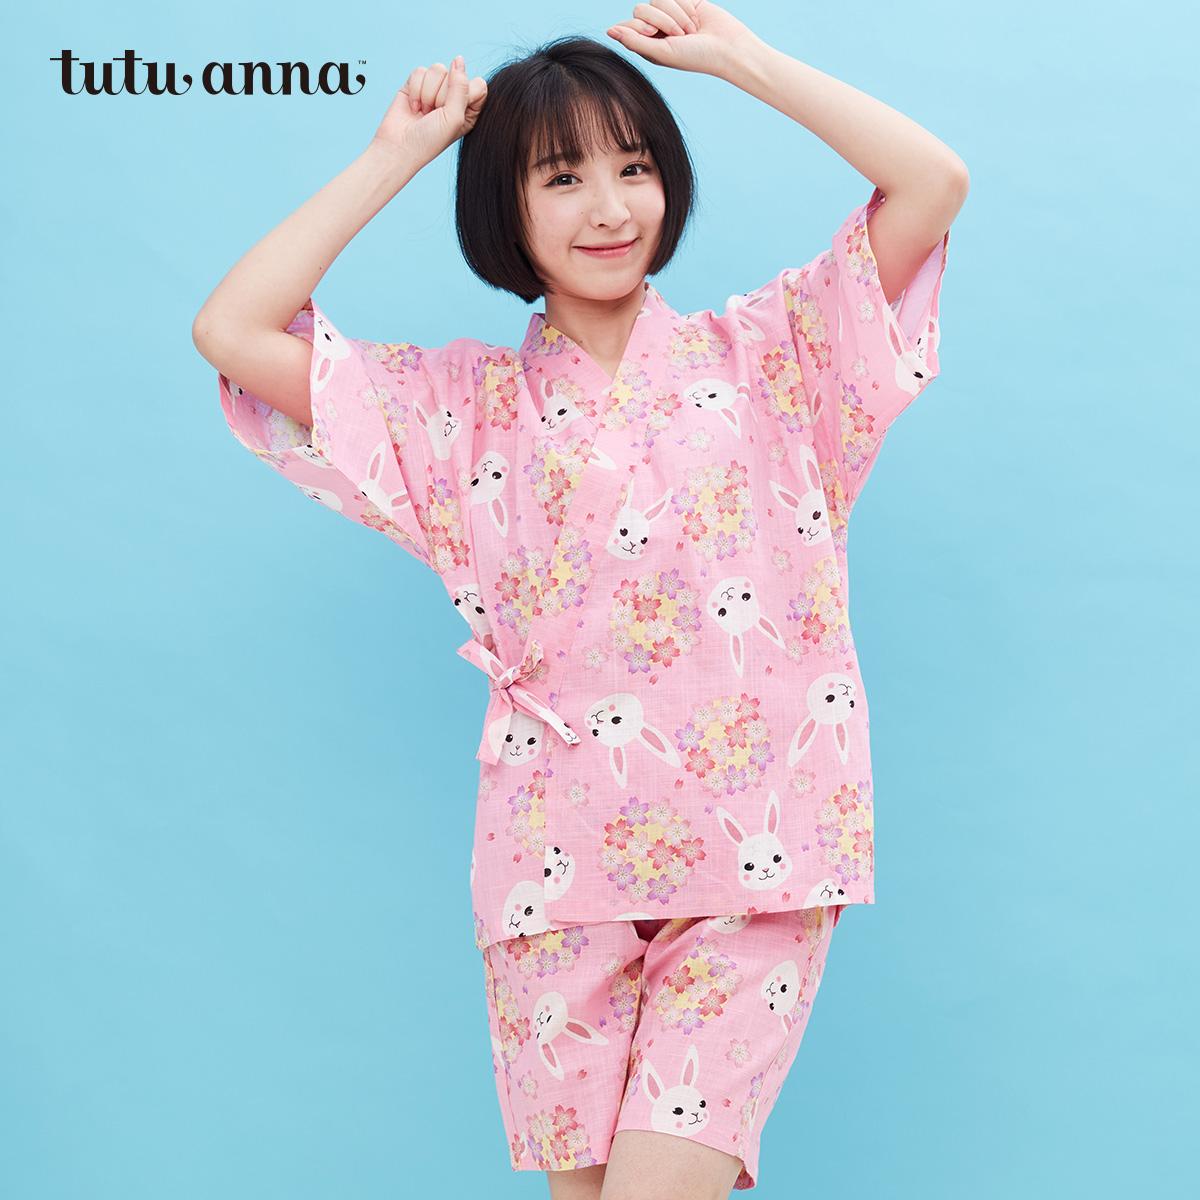 tutuanna和风甚平 日式睡衣和服套装 樱花萌兔浴衣家居服